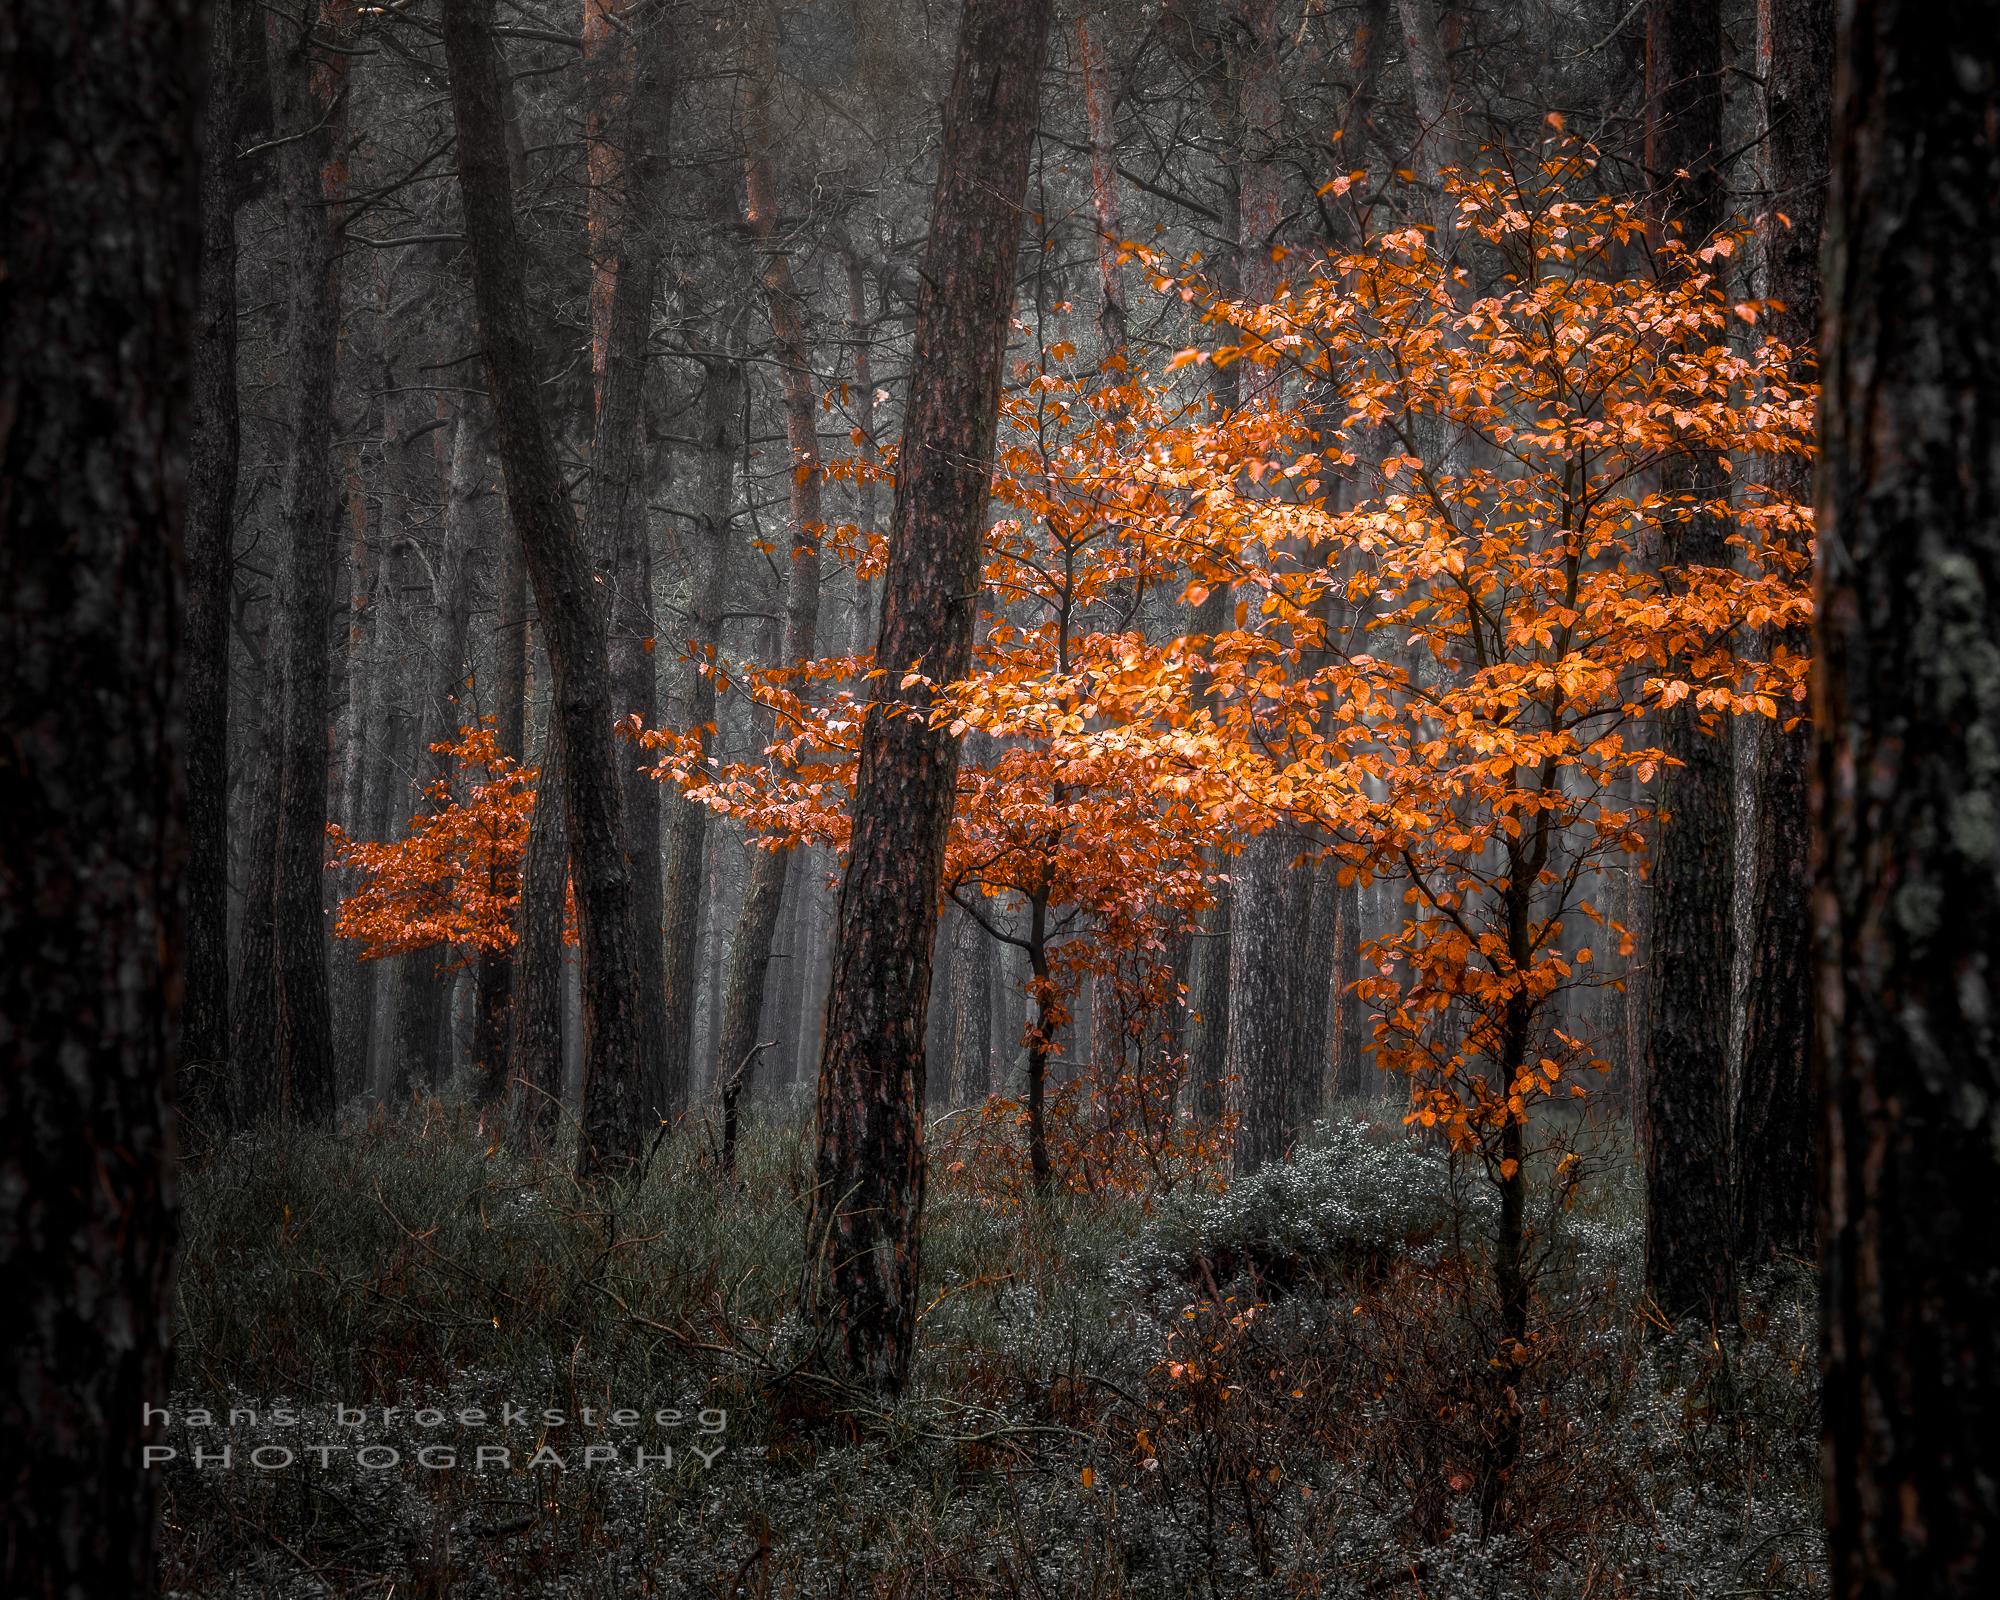 Between pines